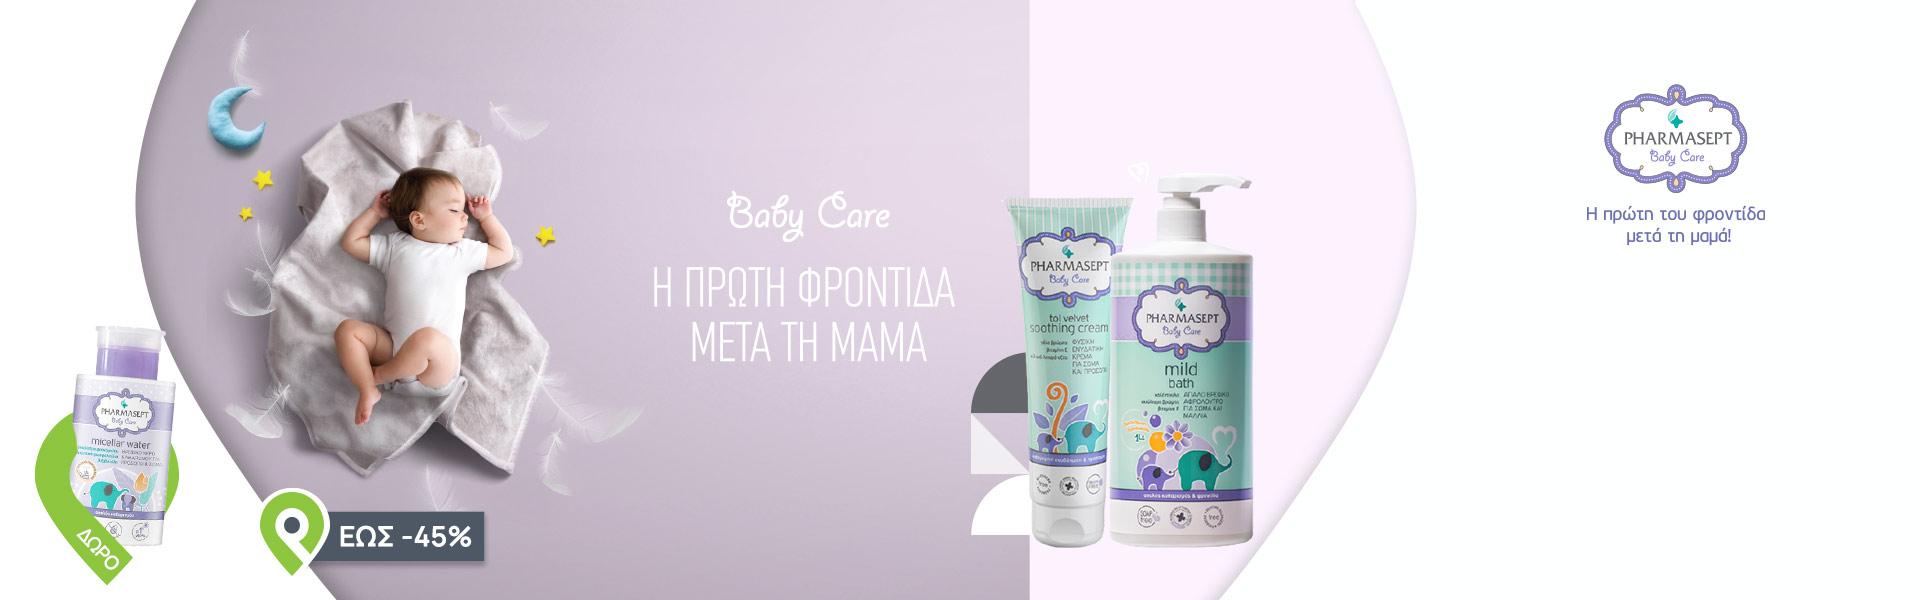 Με αγορά 2 προϊόντων Pharmasept Baby Care & Kid Care, ΔΩΡΟ Pharmasept Baby Νερό Καθαρισμού 300ml